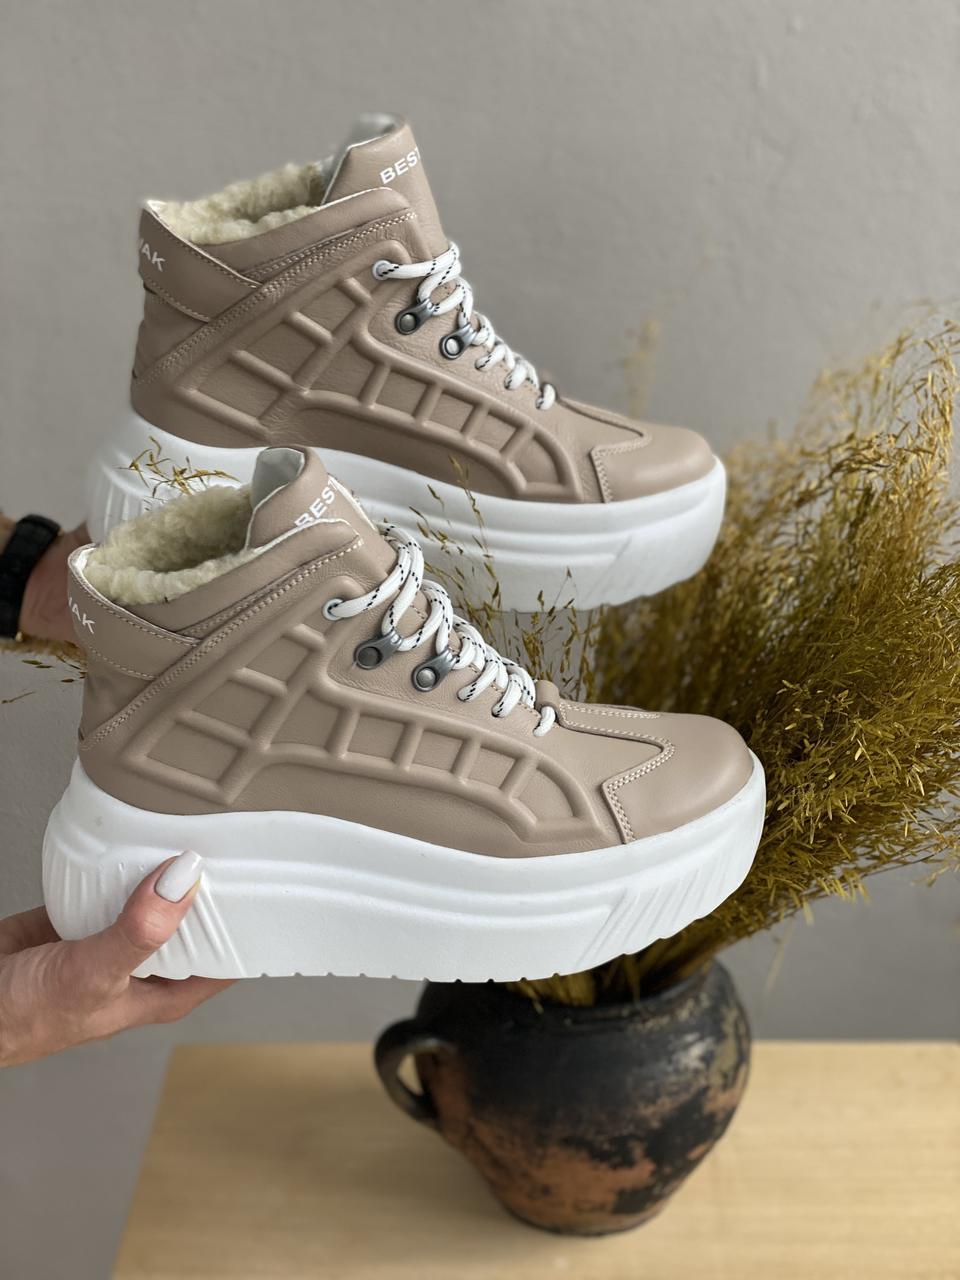 Ботинки женские зимние кожаные бежевые  Best Vak БЖ-59-505